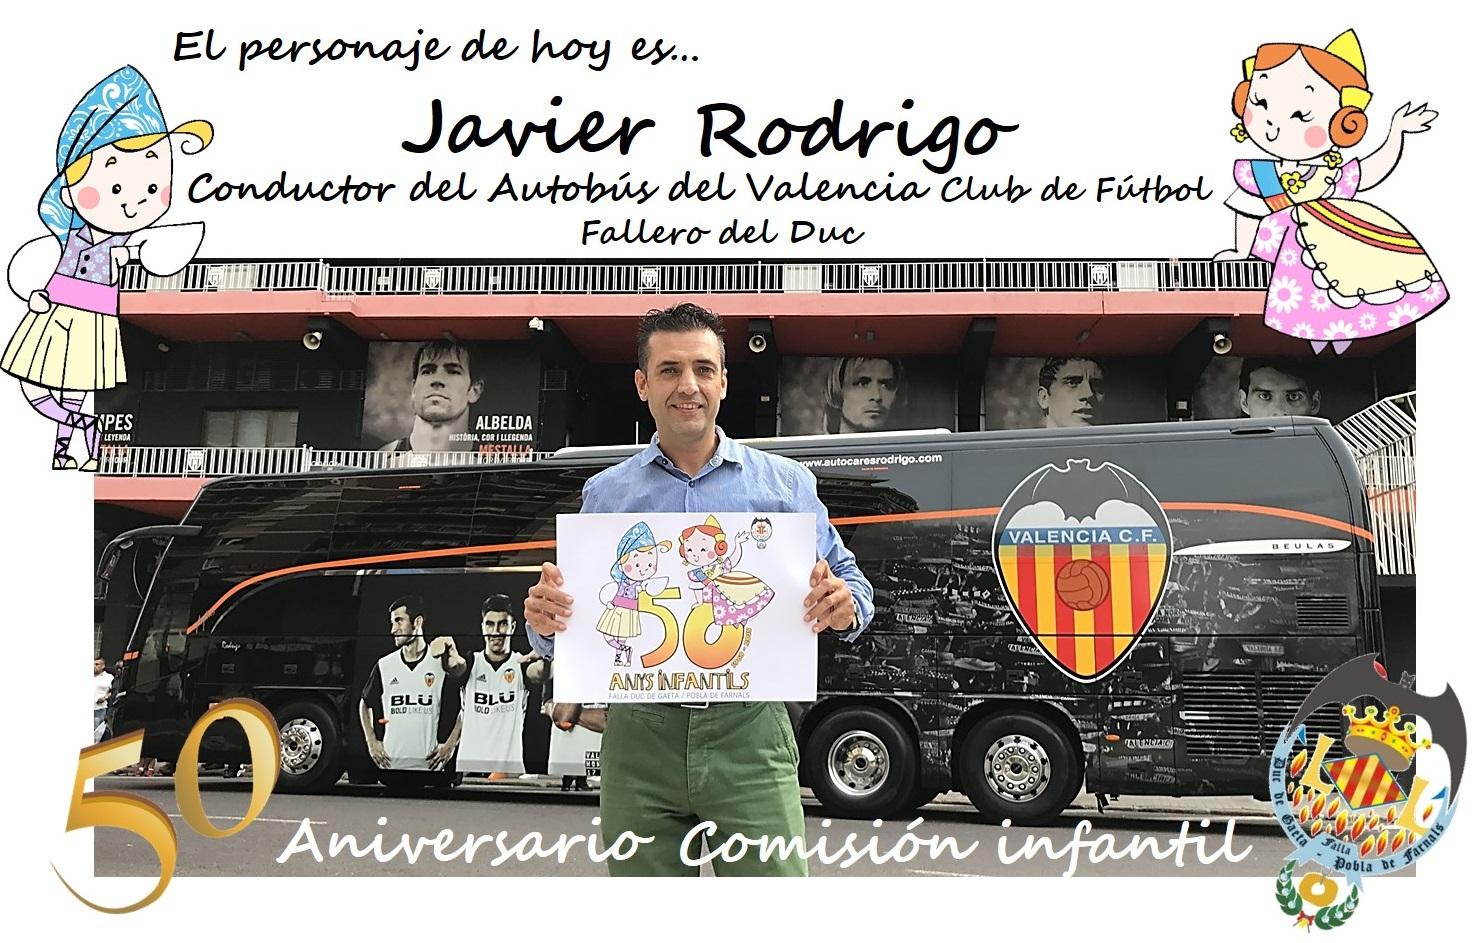 Personaje del día: Javi Rodrigo